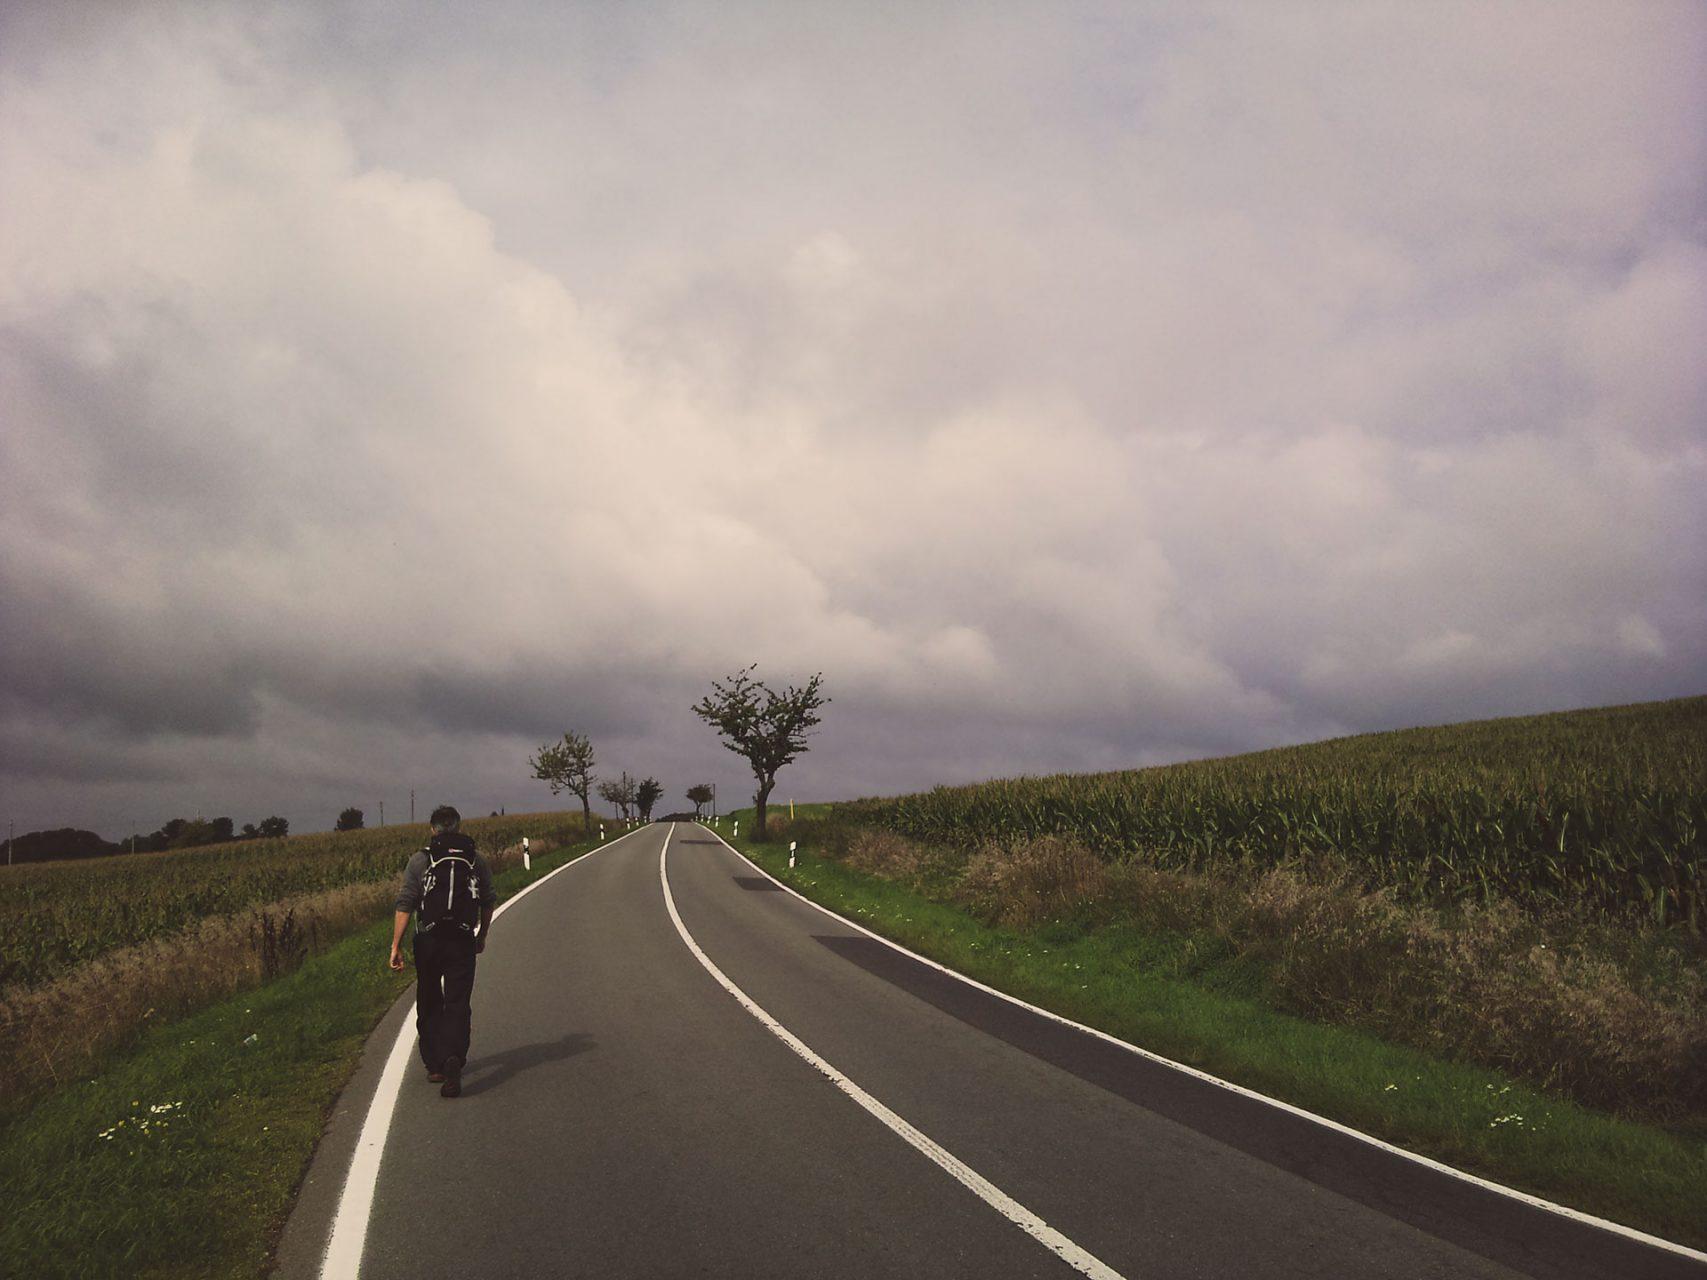 Auf dem Wunderblutweg wandern: manchmal führt der Weg auch an unbefahrenen Strassen entlang.